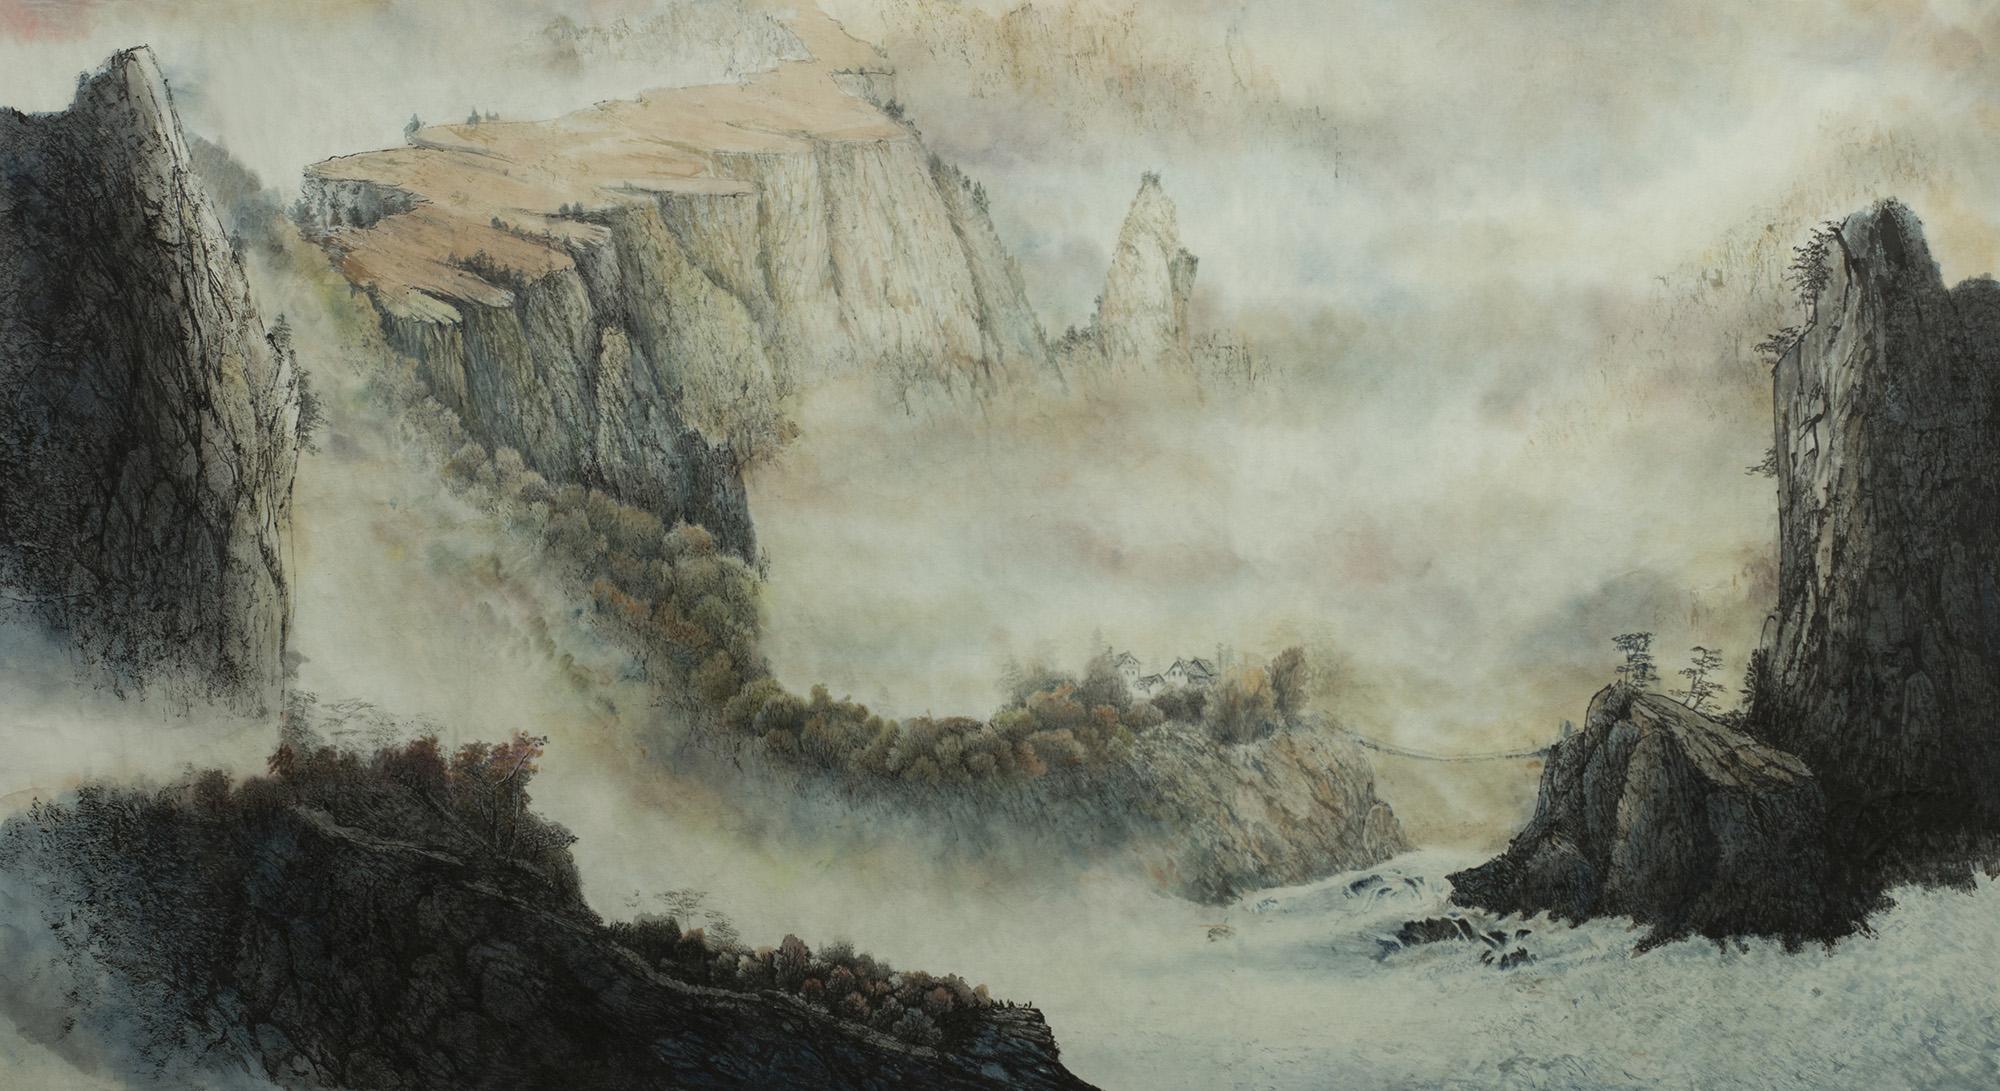 嶺南山水示意圖。古人認為的瘴,產生於濕熱的南方風土之中,像是山林環境中因為某些因素(例如動植物腐敗等)而產生的致病毒氣。圖│iStock